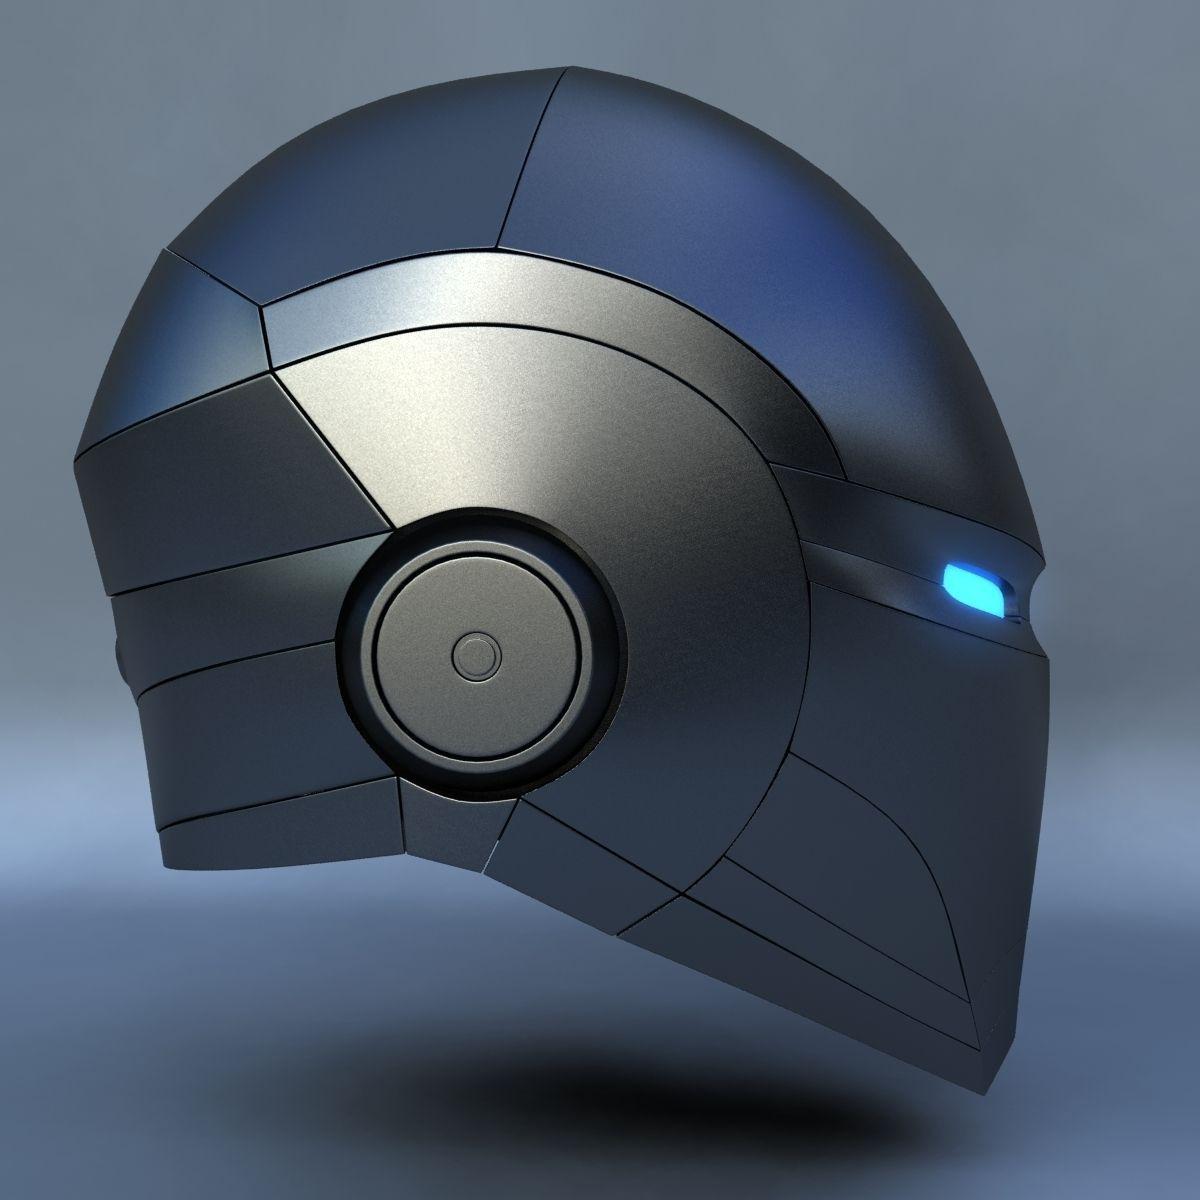 Robot Head E 3d Model Max Cgtrader Com